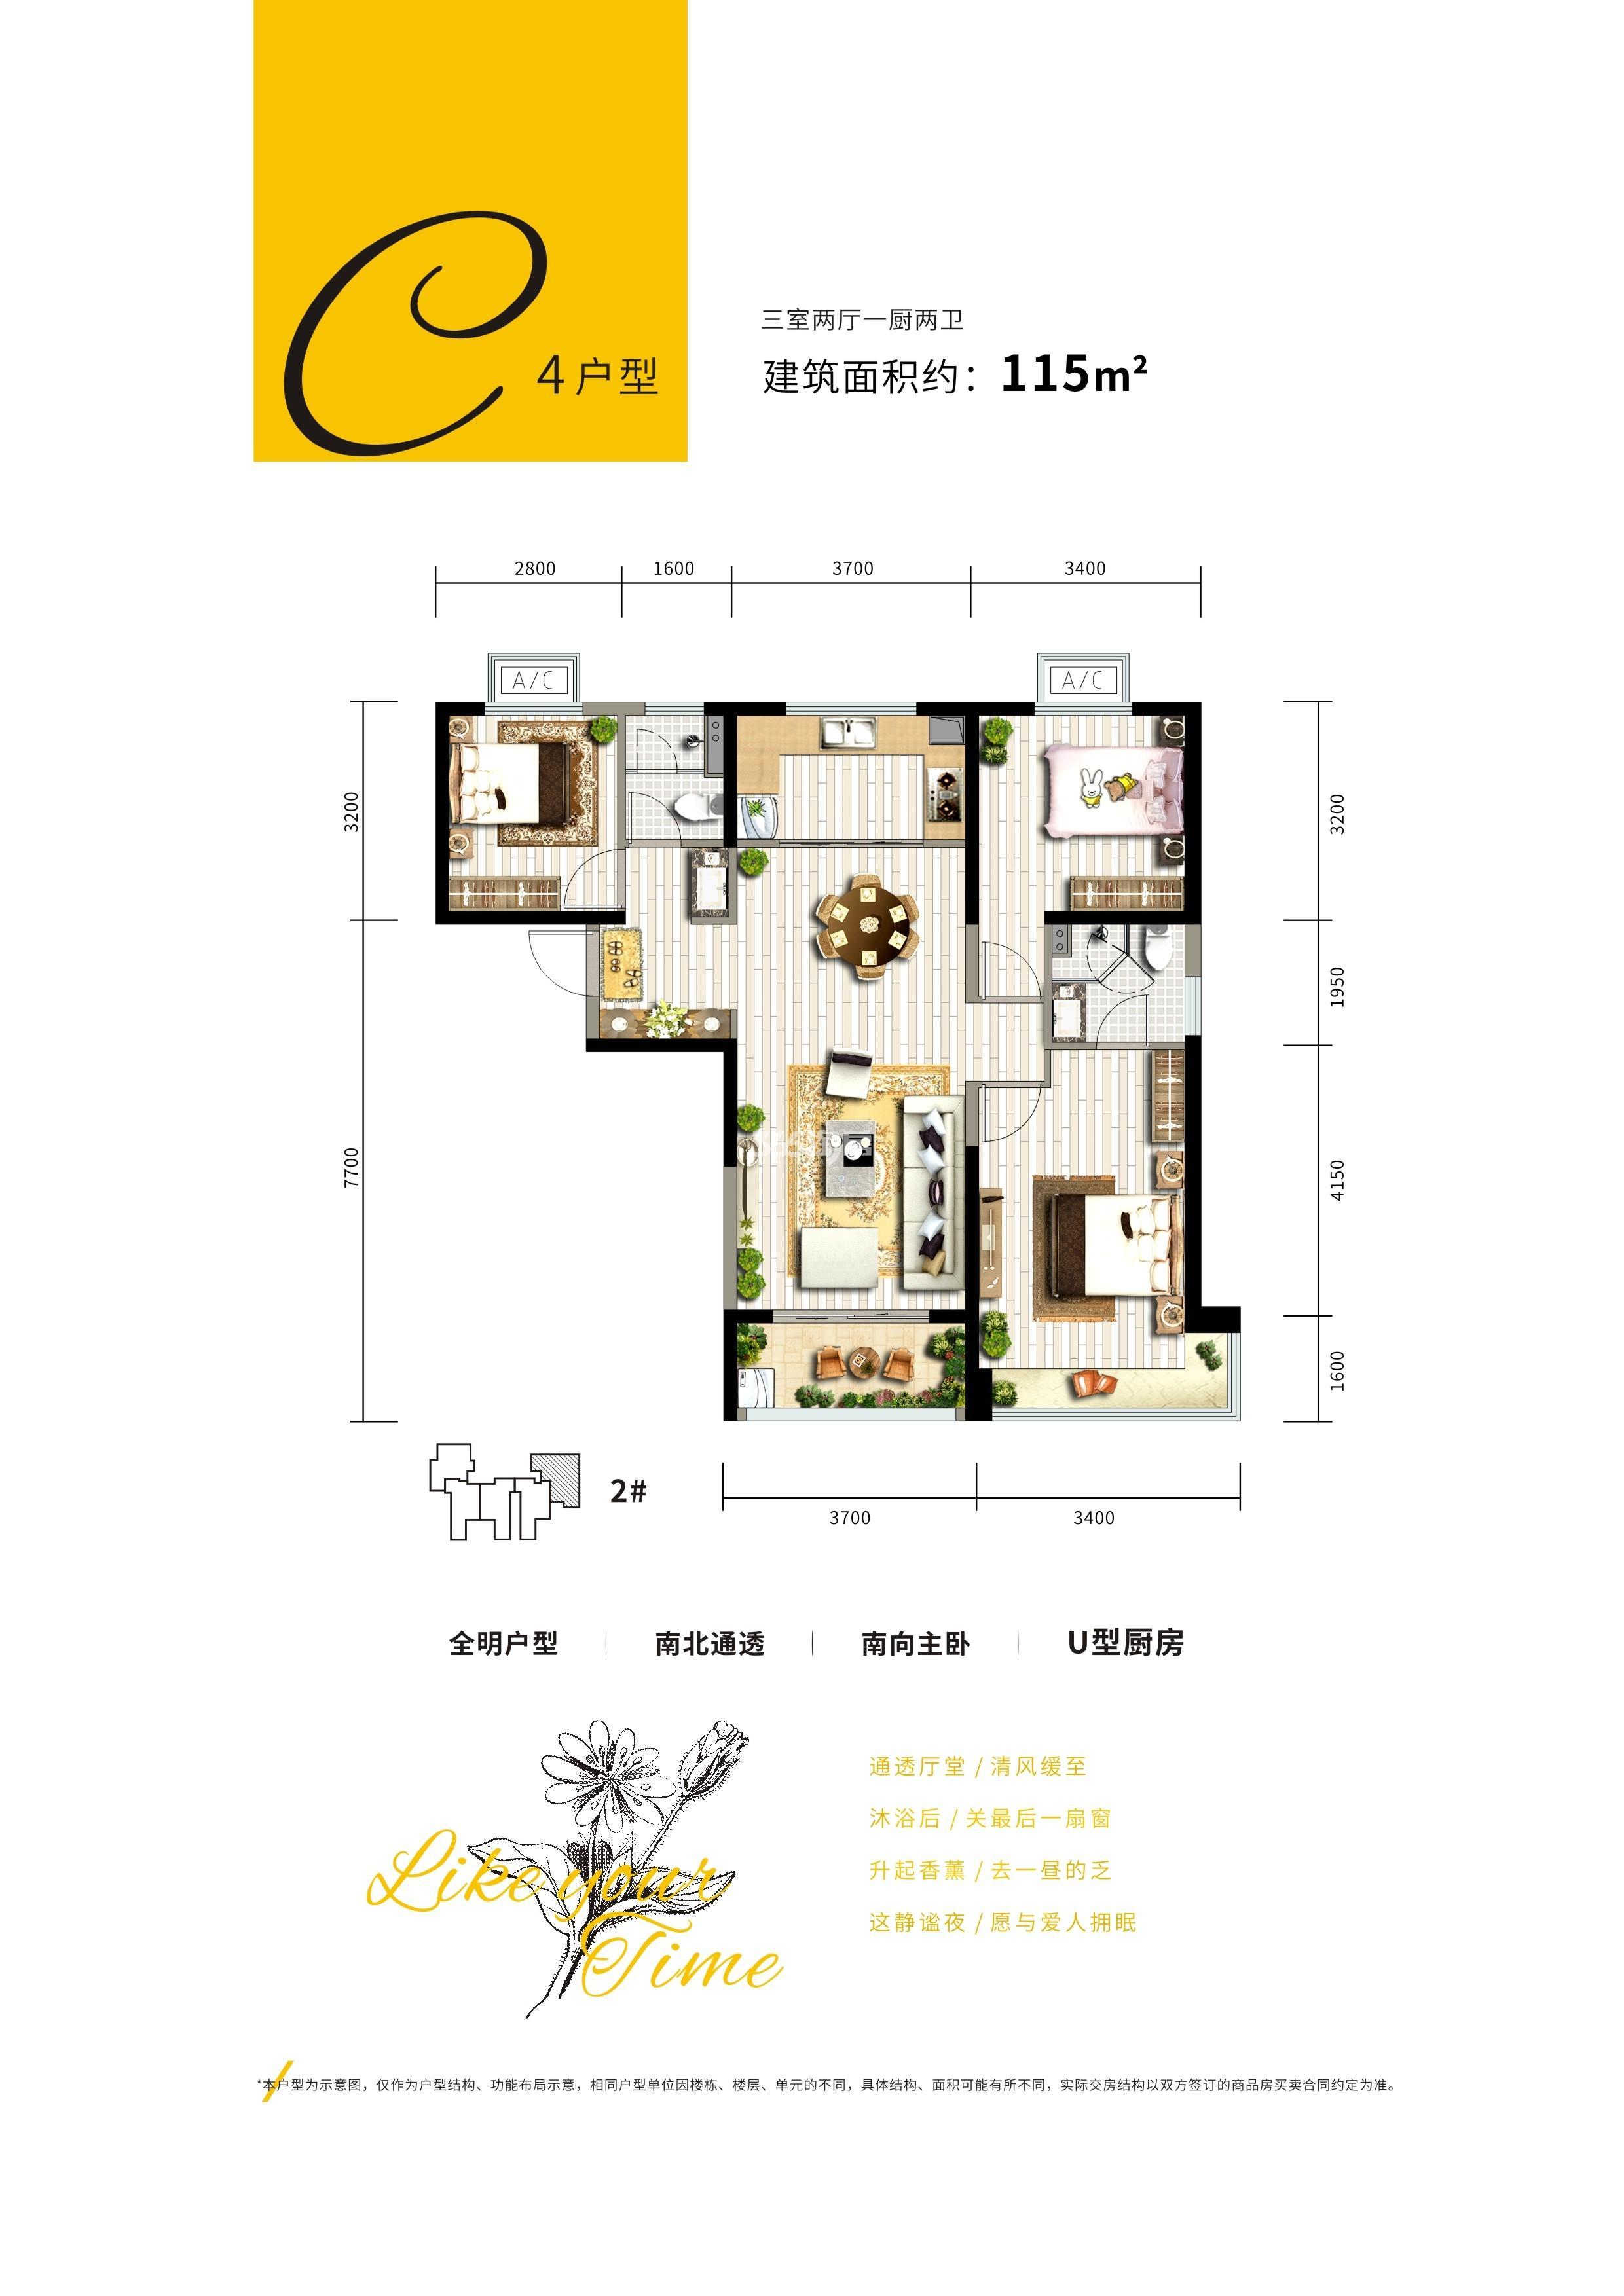 华远海蓝城6期C4户型3室两厅一厨两卫115㎡